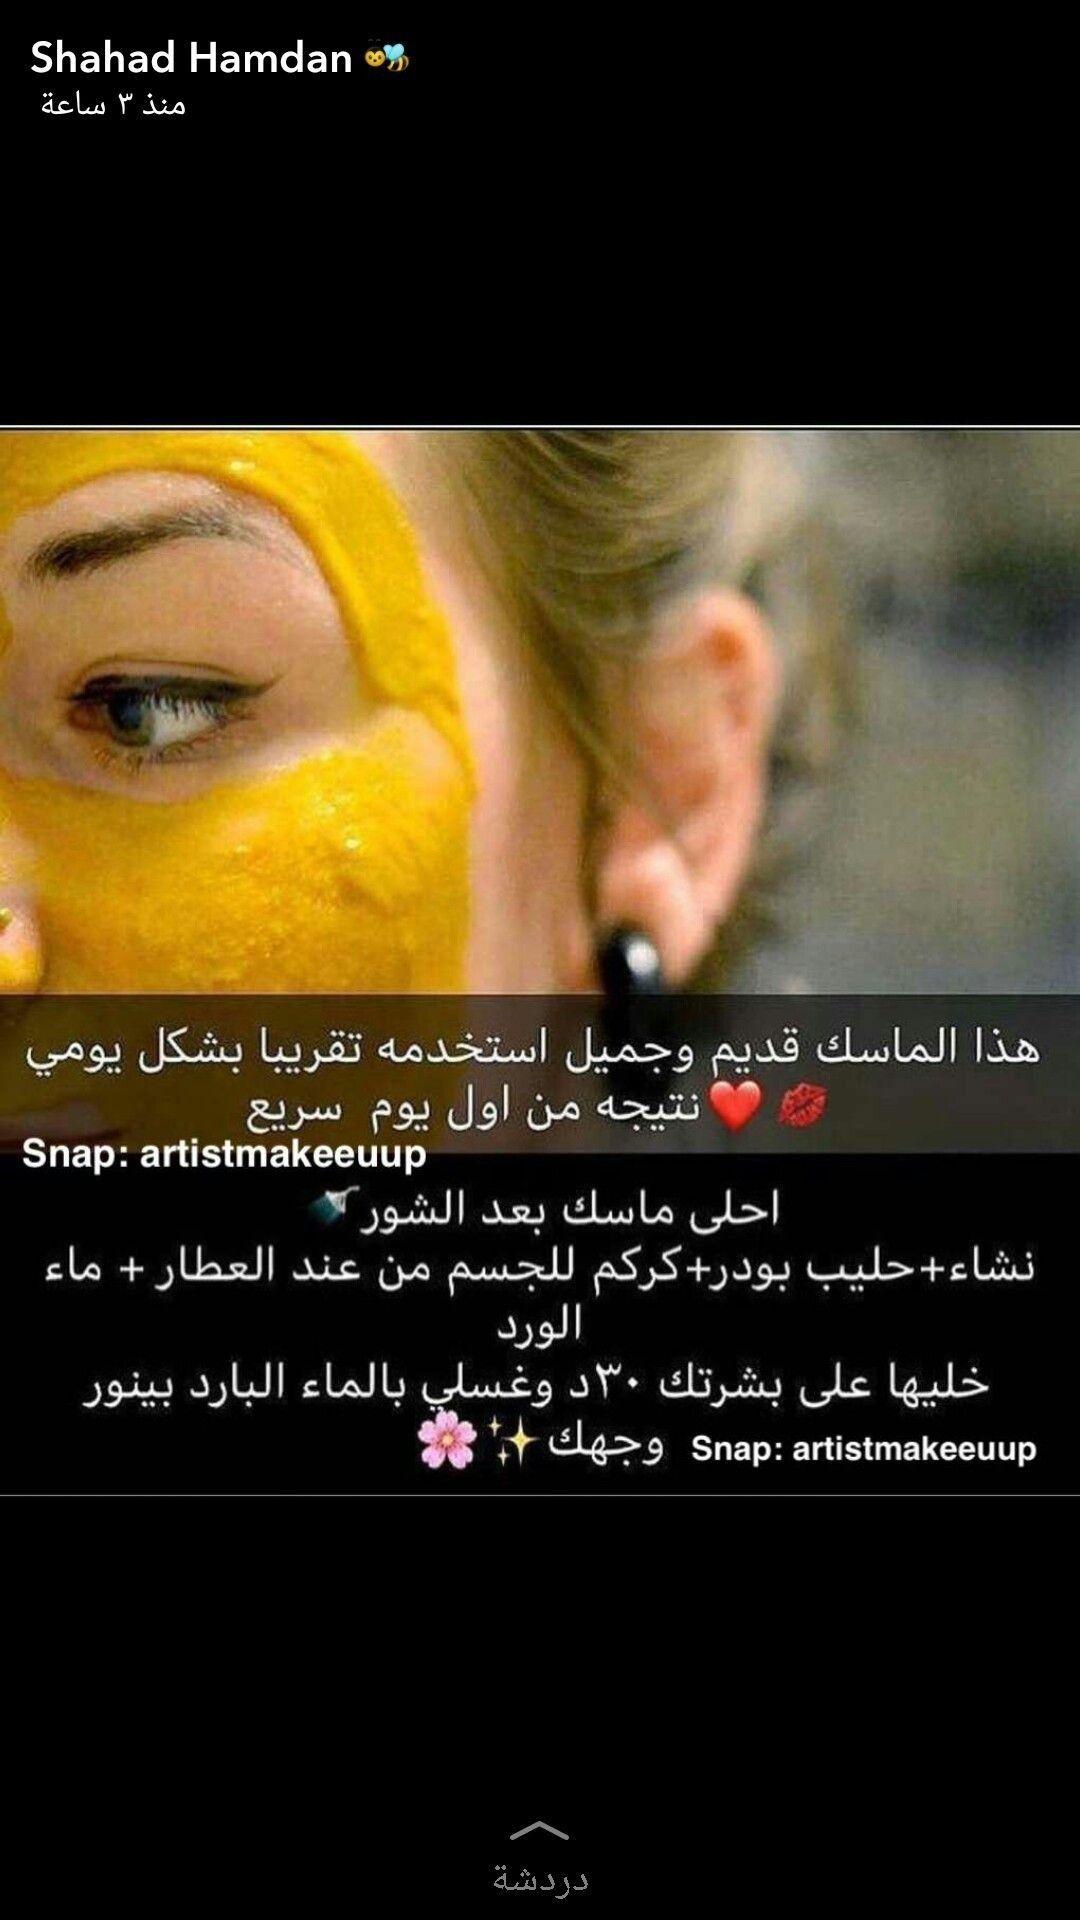 شهد حمدلن ماسك للوجه Beauty Skin Care Routine Body Skin Skin Care Mask